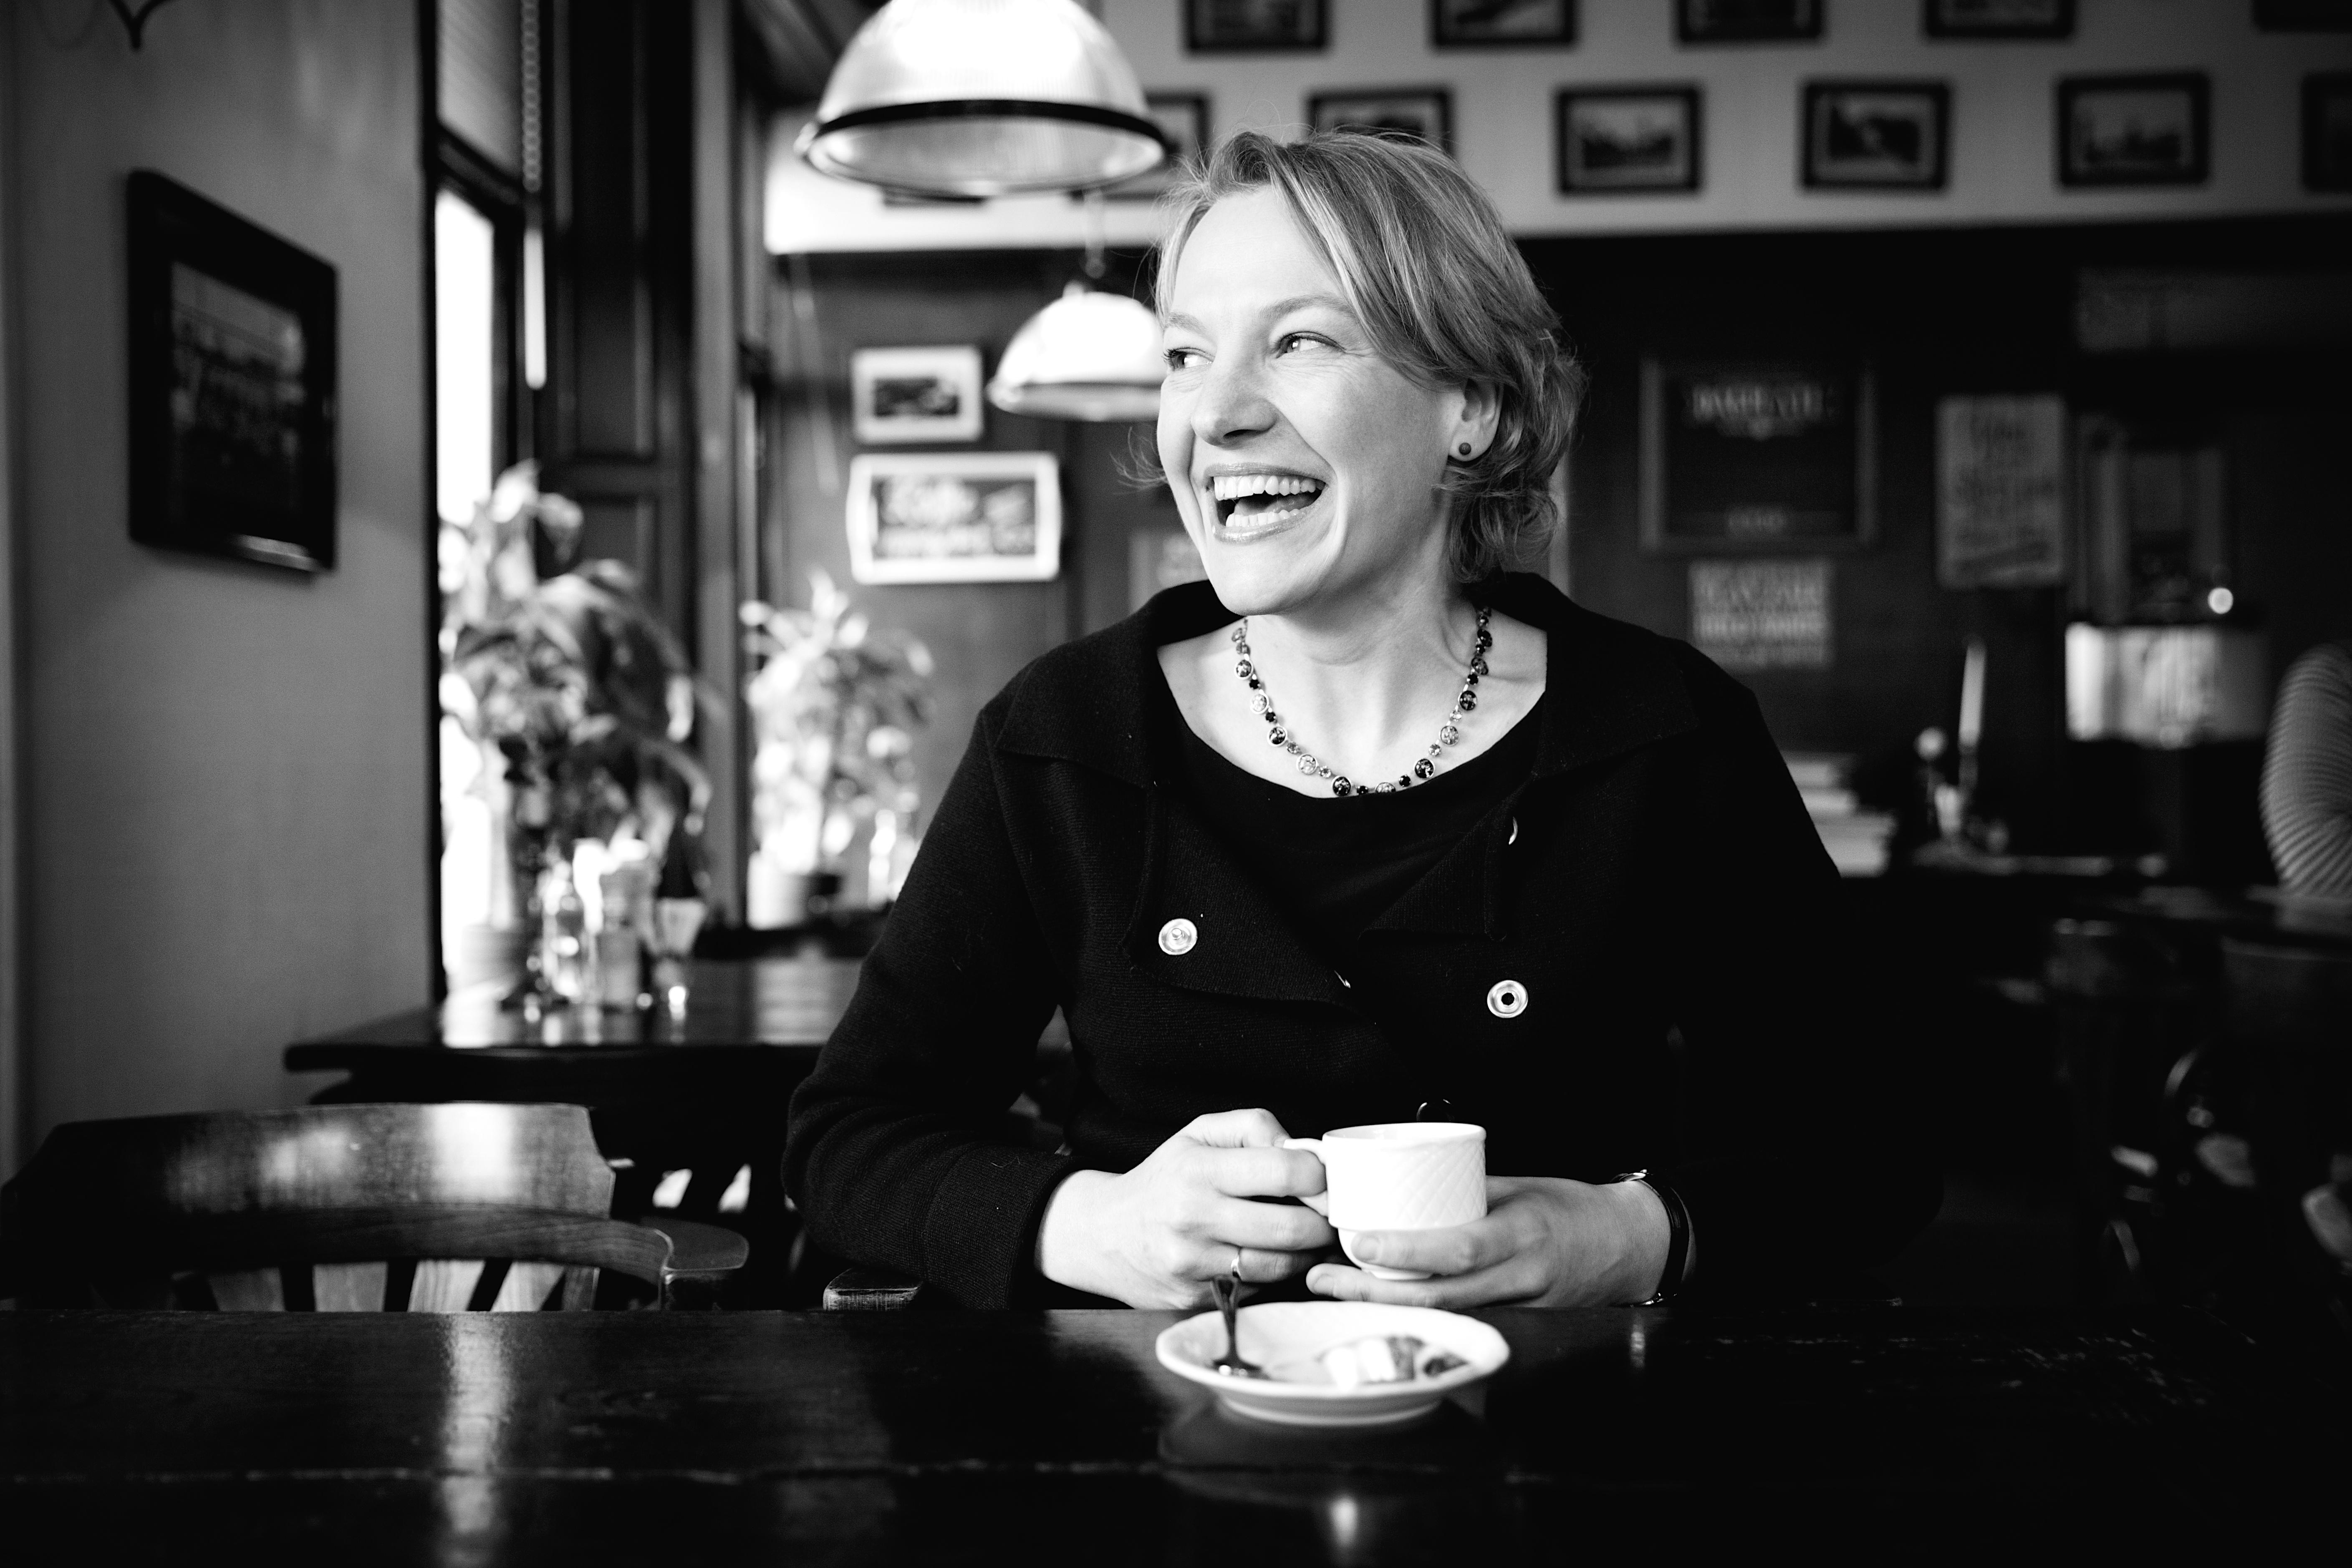 Erica van Lente